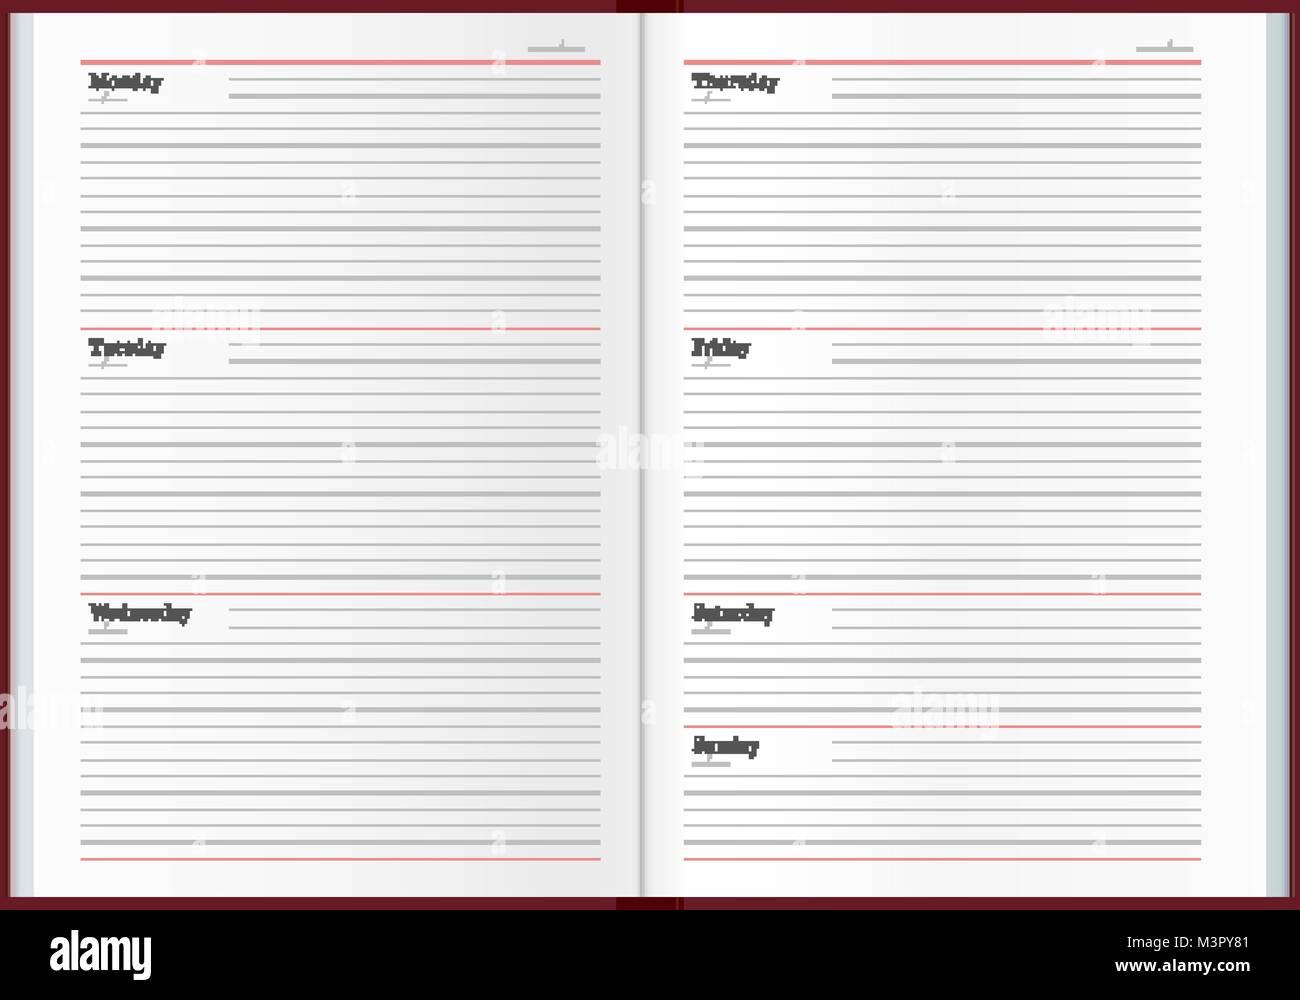 Bullet Journal Stockfotos & Bullet Journal Bilder - Alamy